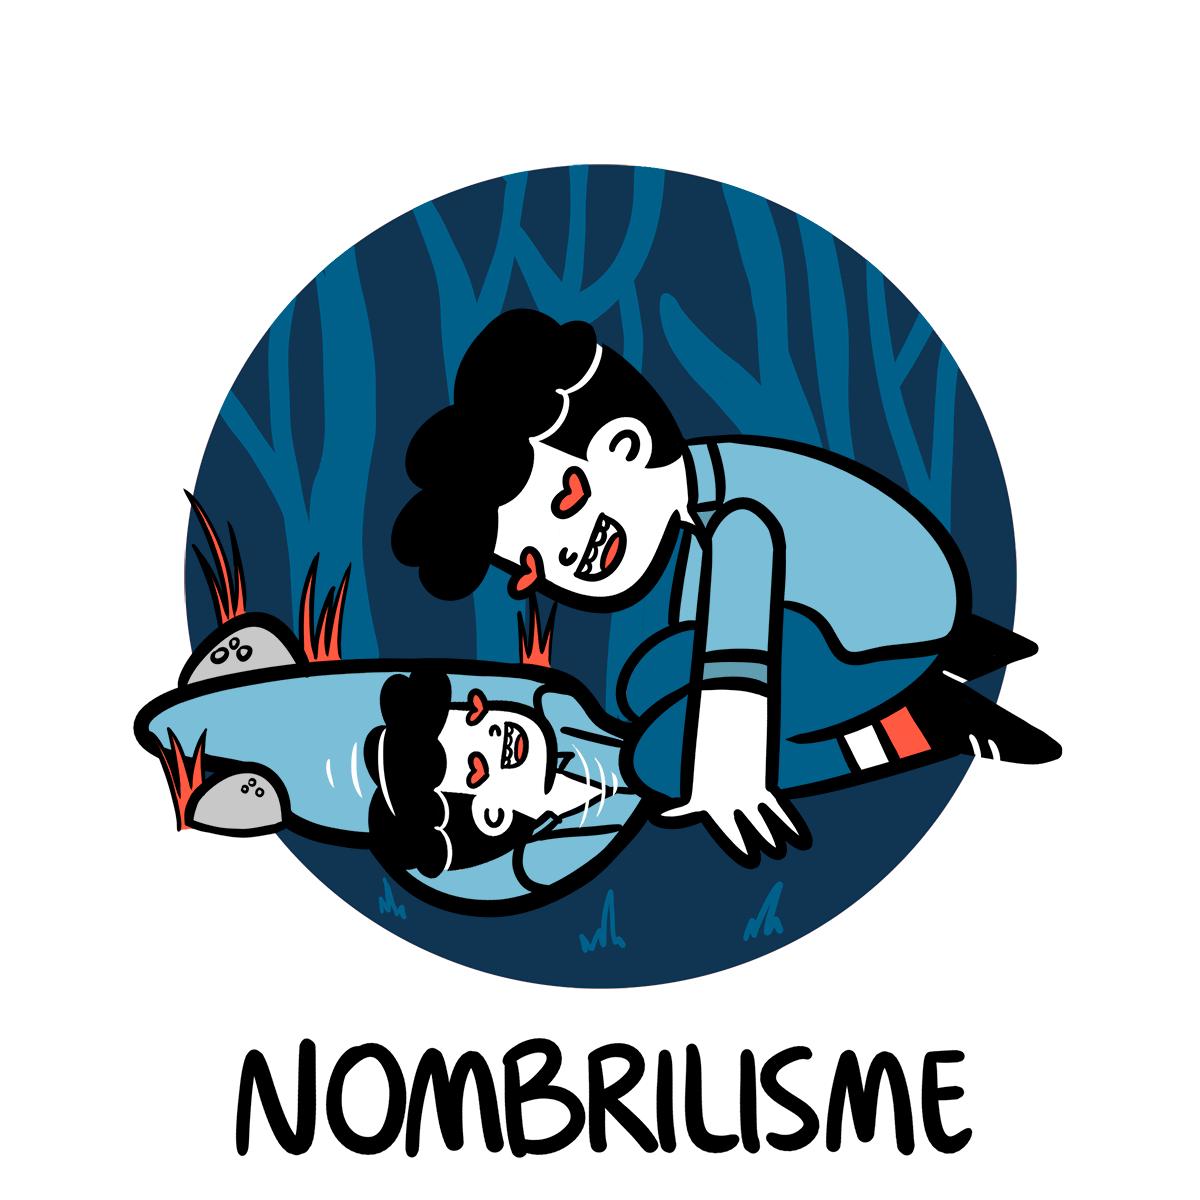 Nombrilisme